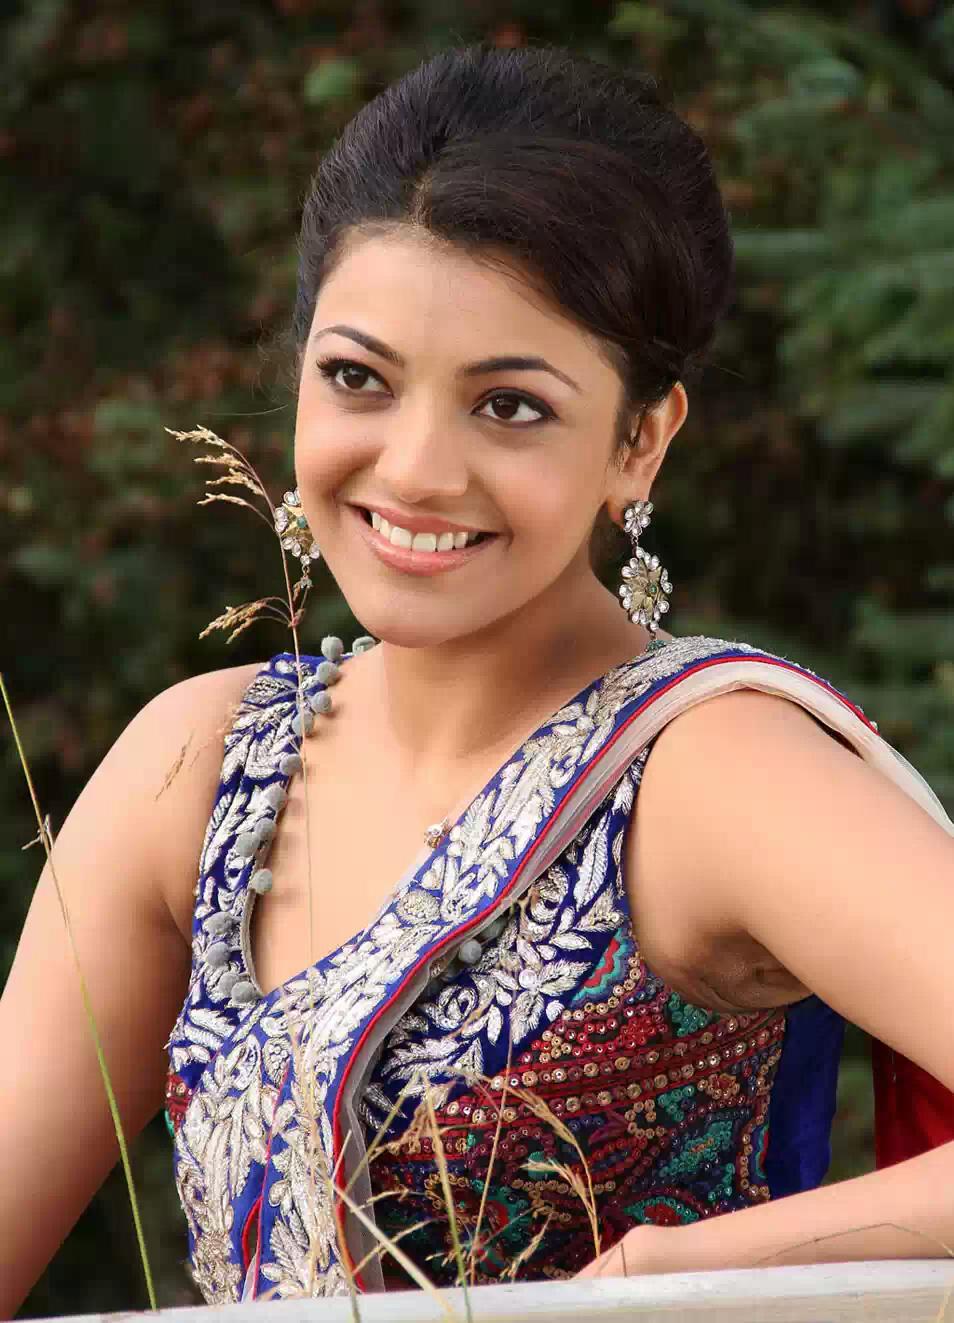 Vaishali telugu movie online watch - 4 2